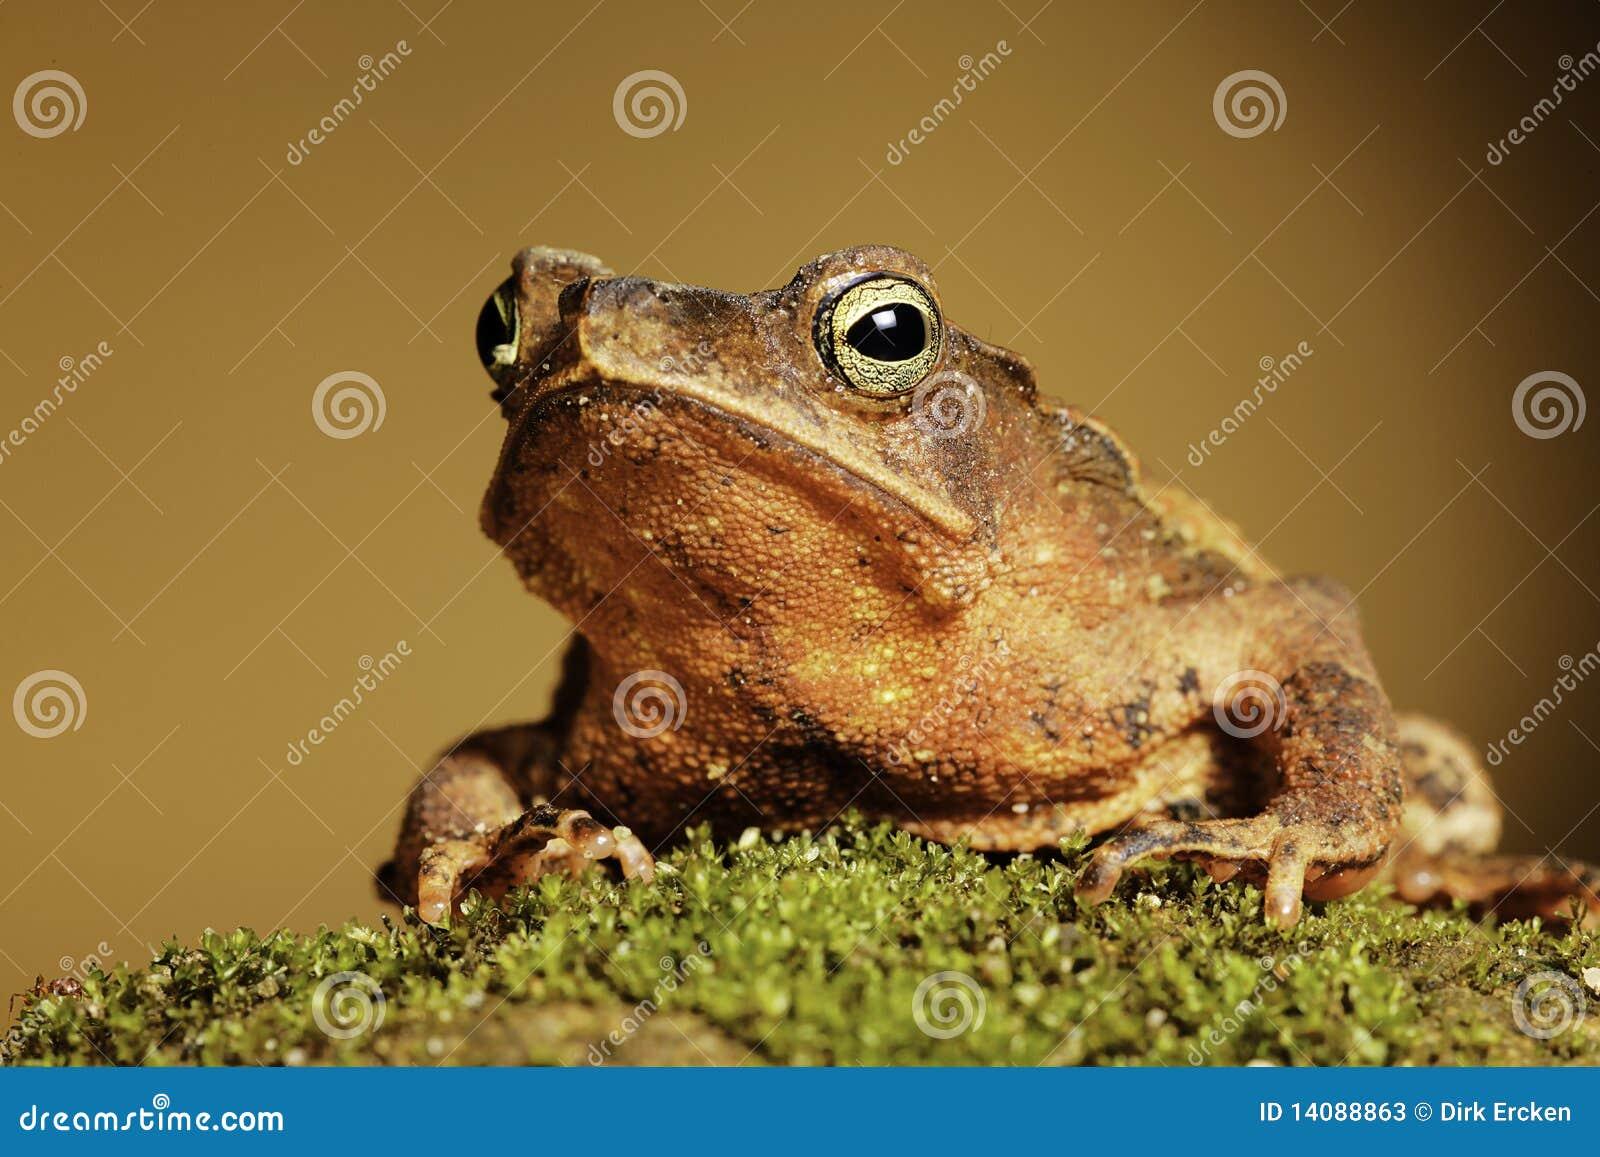 Amphibians Toads Crested toad amphibian big